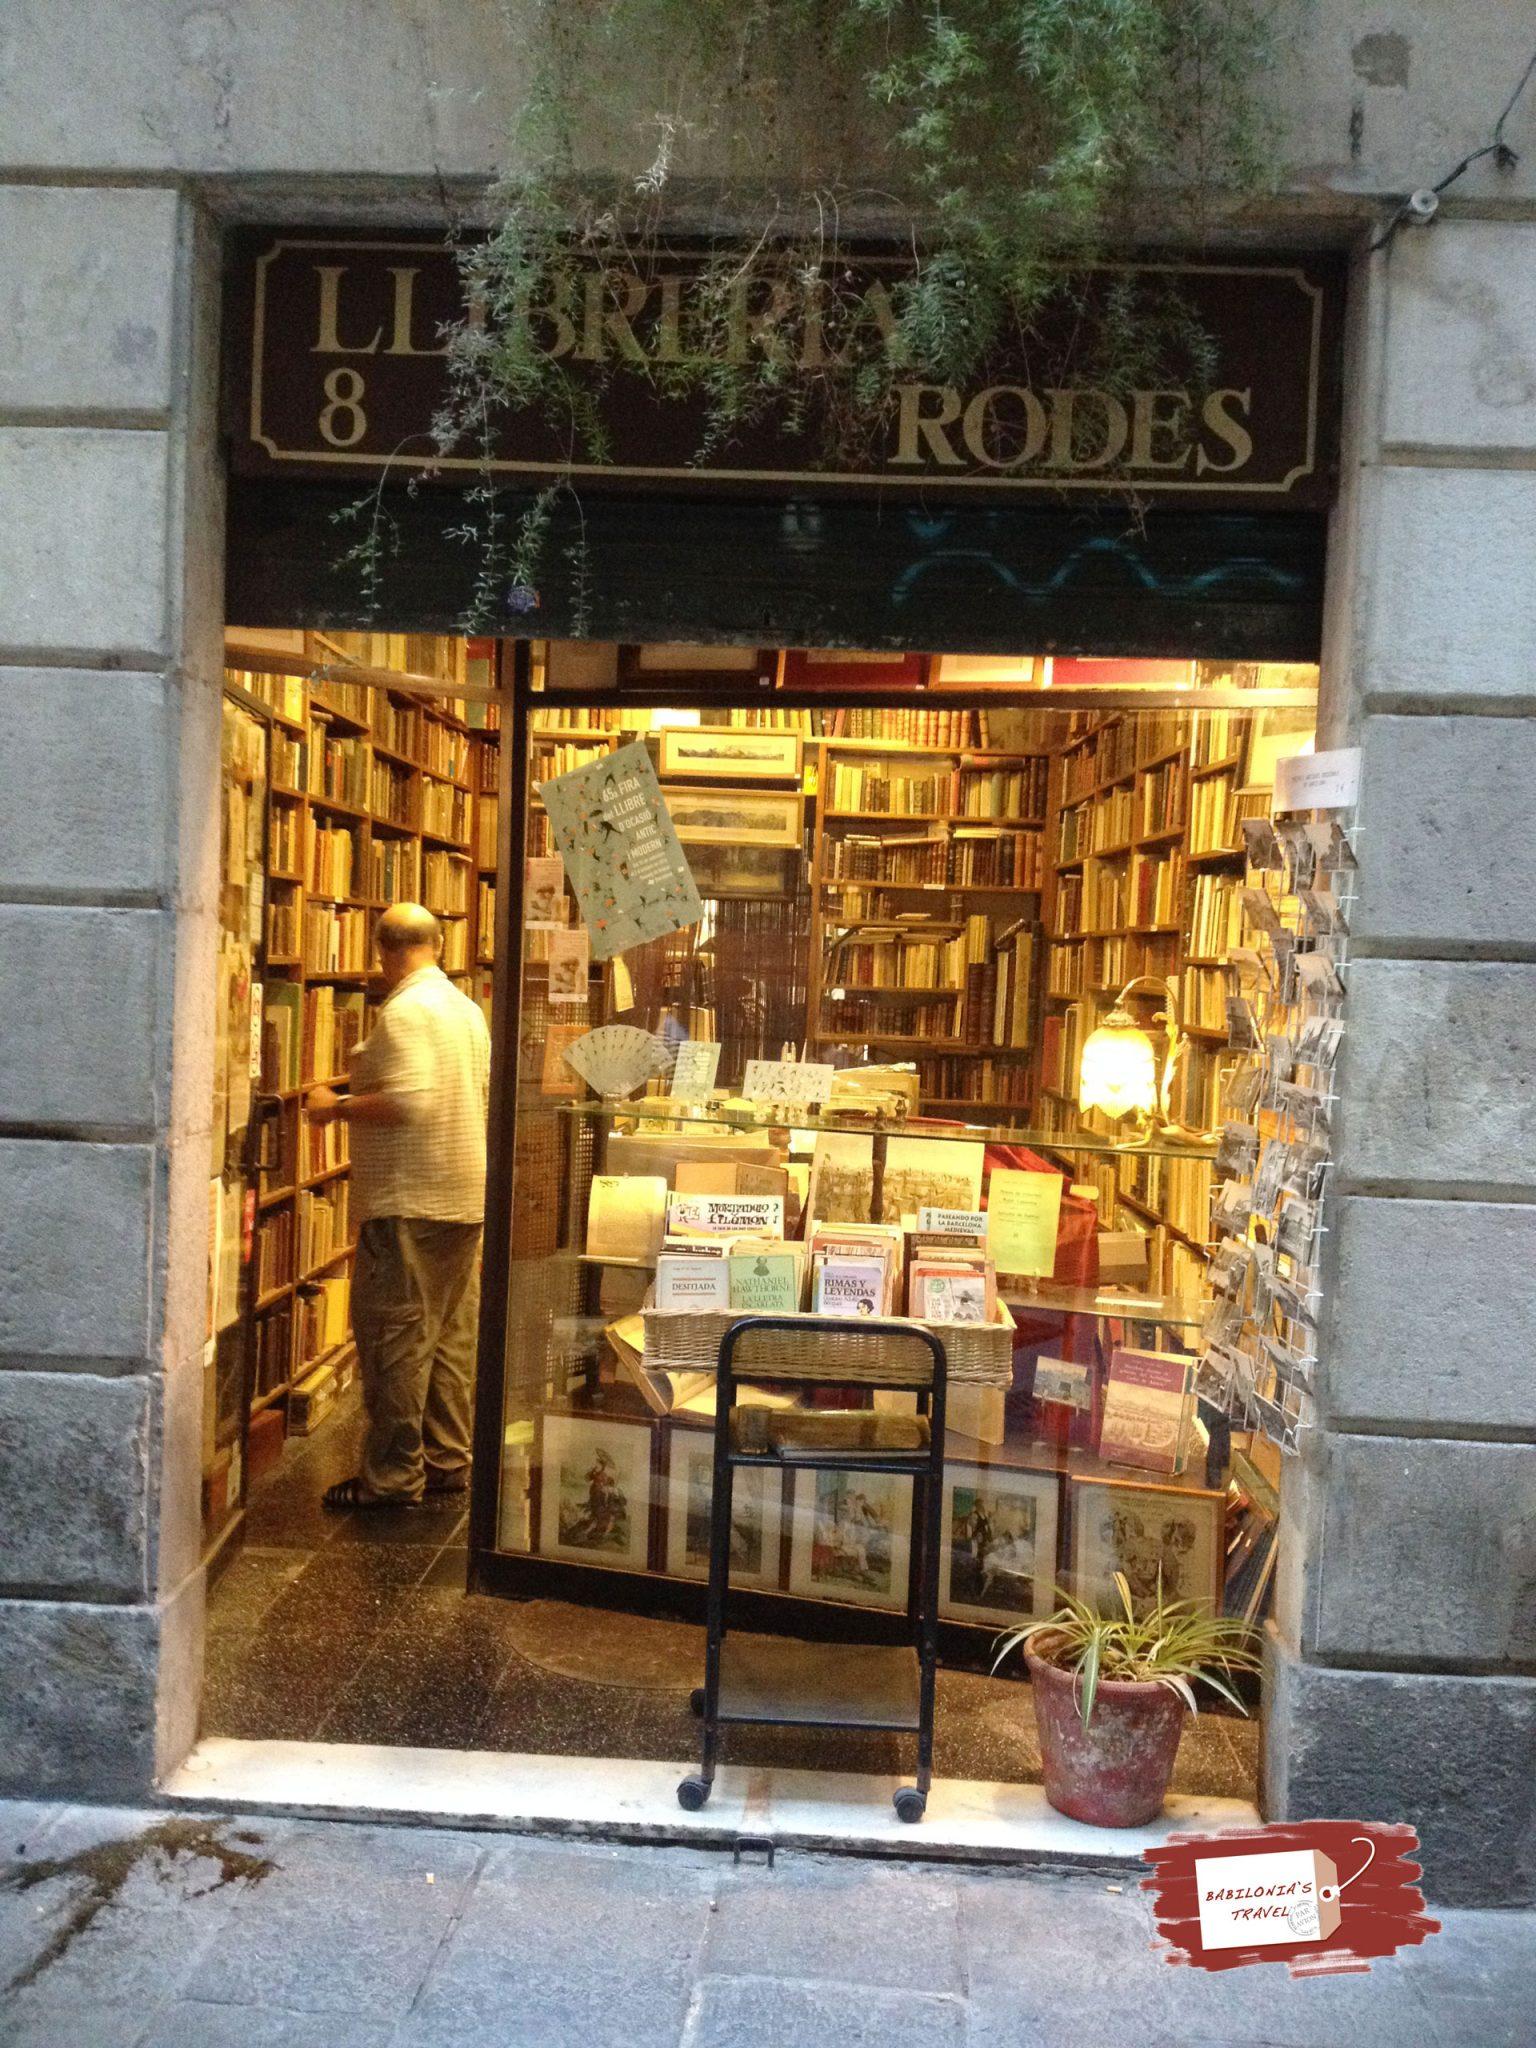 libreria rodes